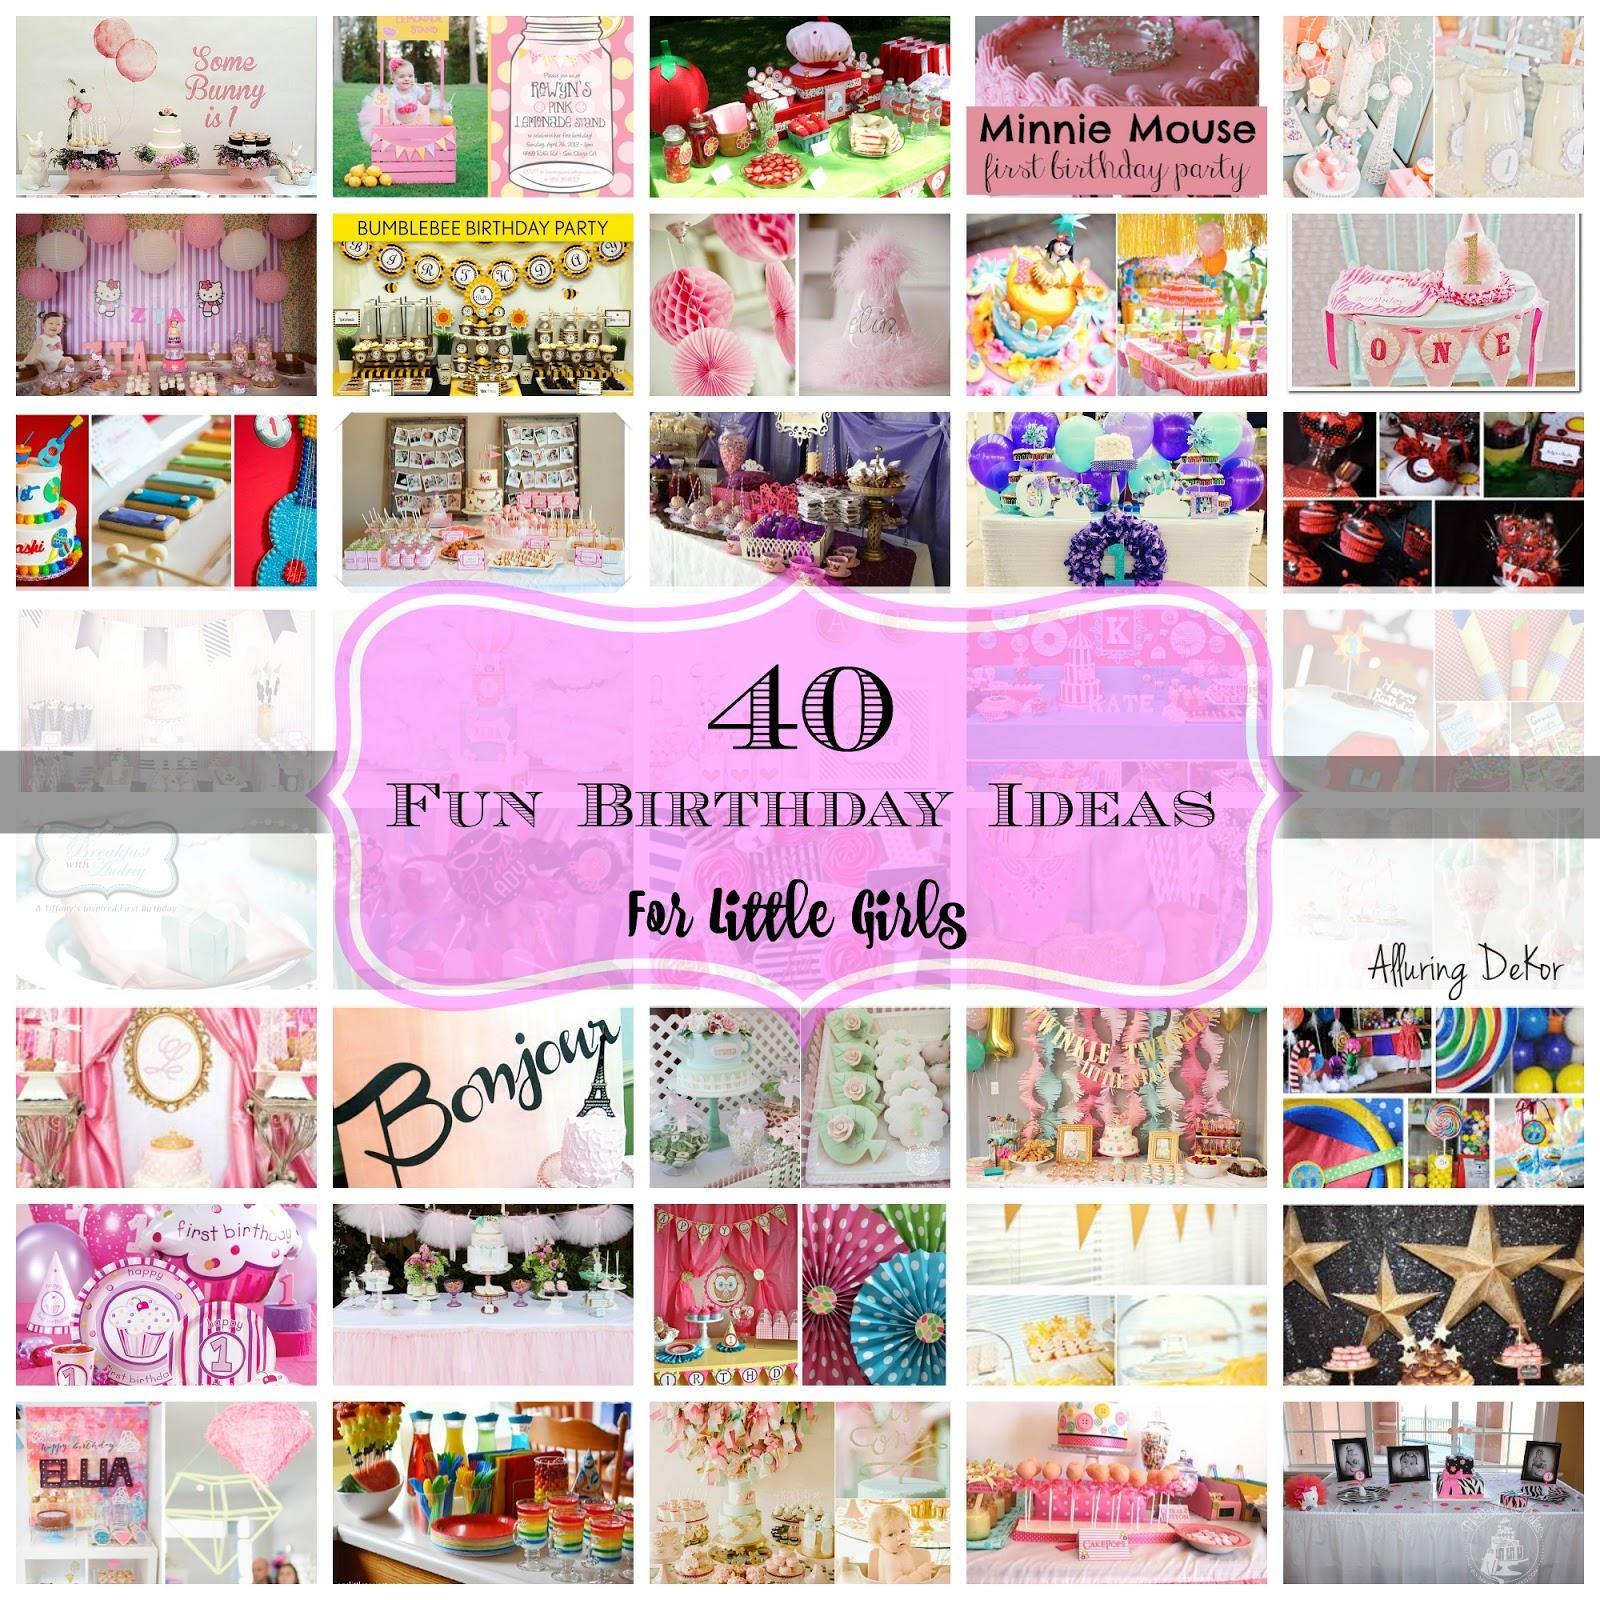 alluring dekor 40 fun birthday ideas for little girls